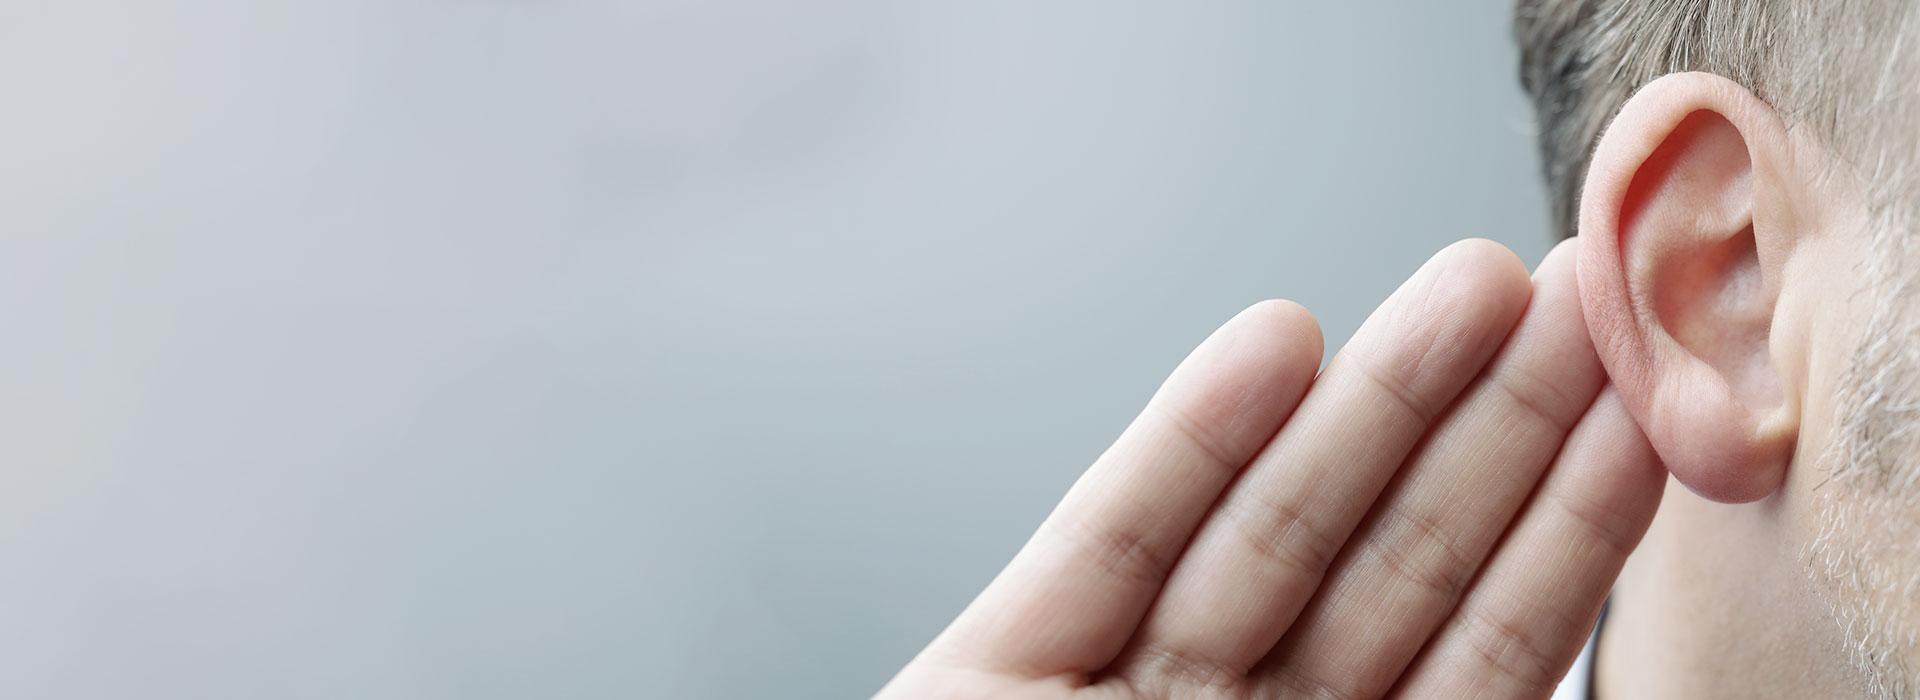 hearing-loss-types-of-hearing-loss